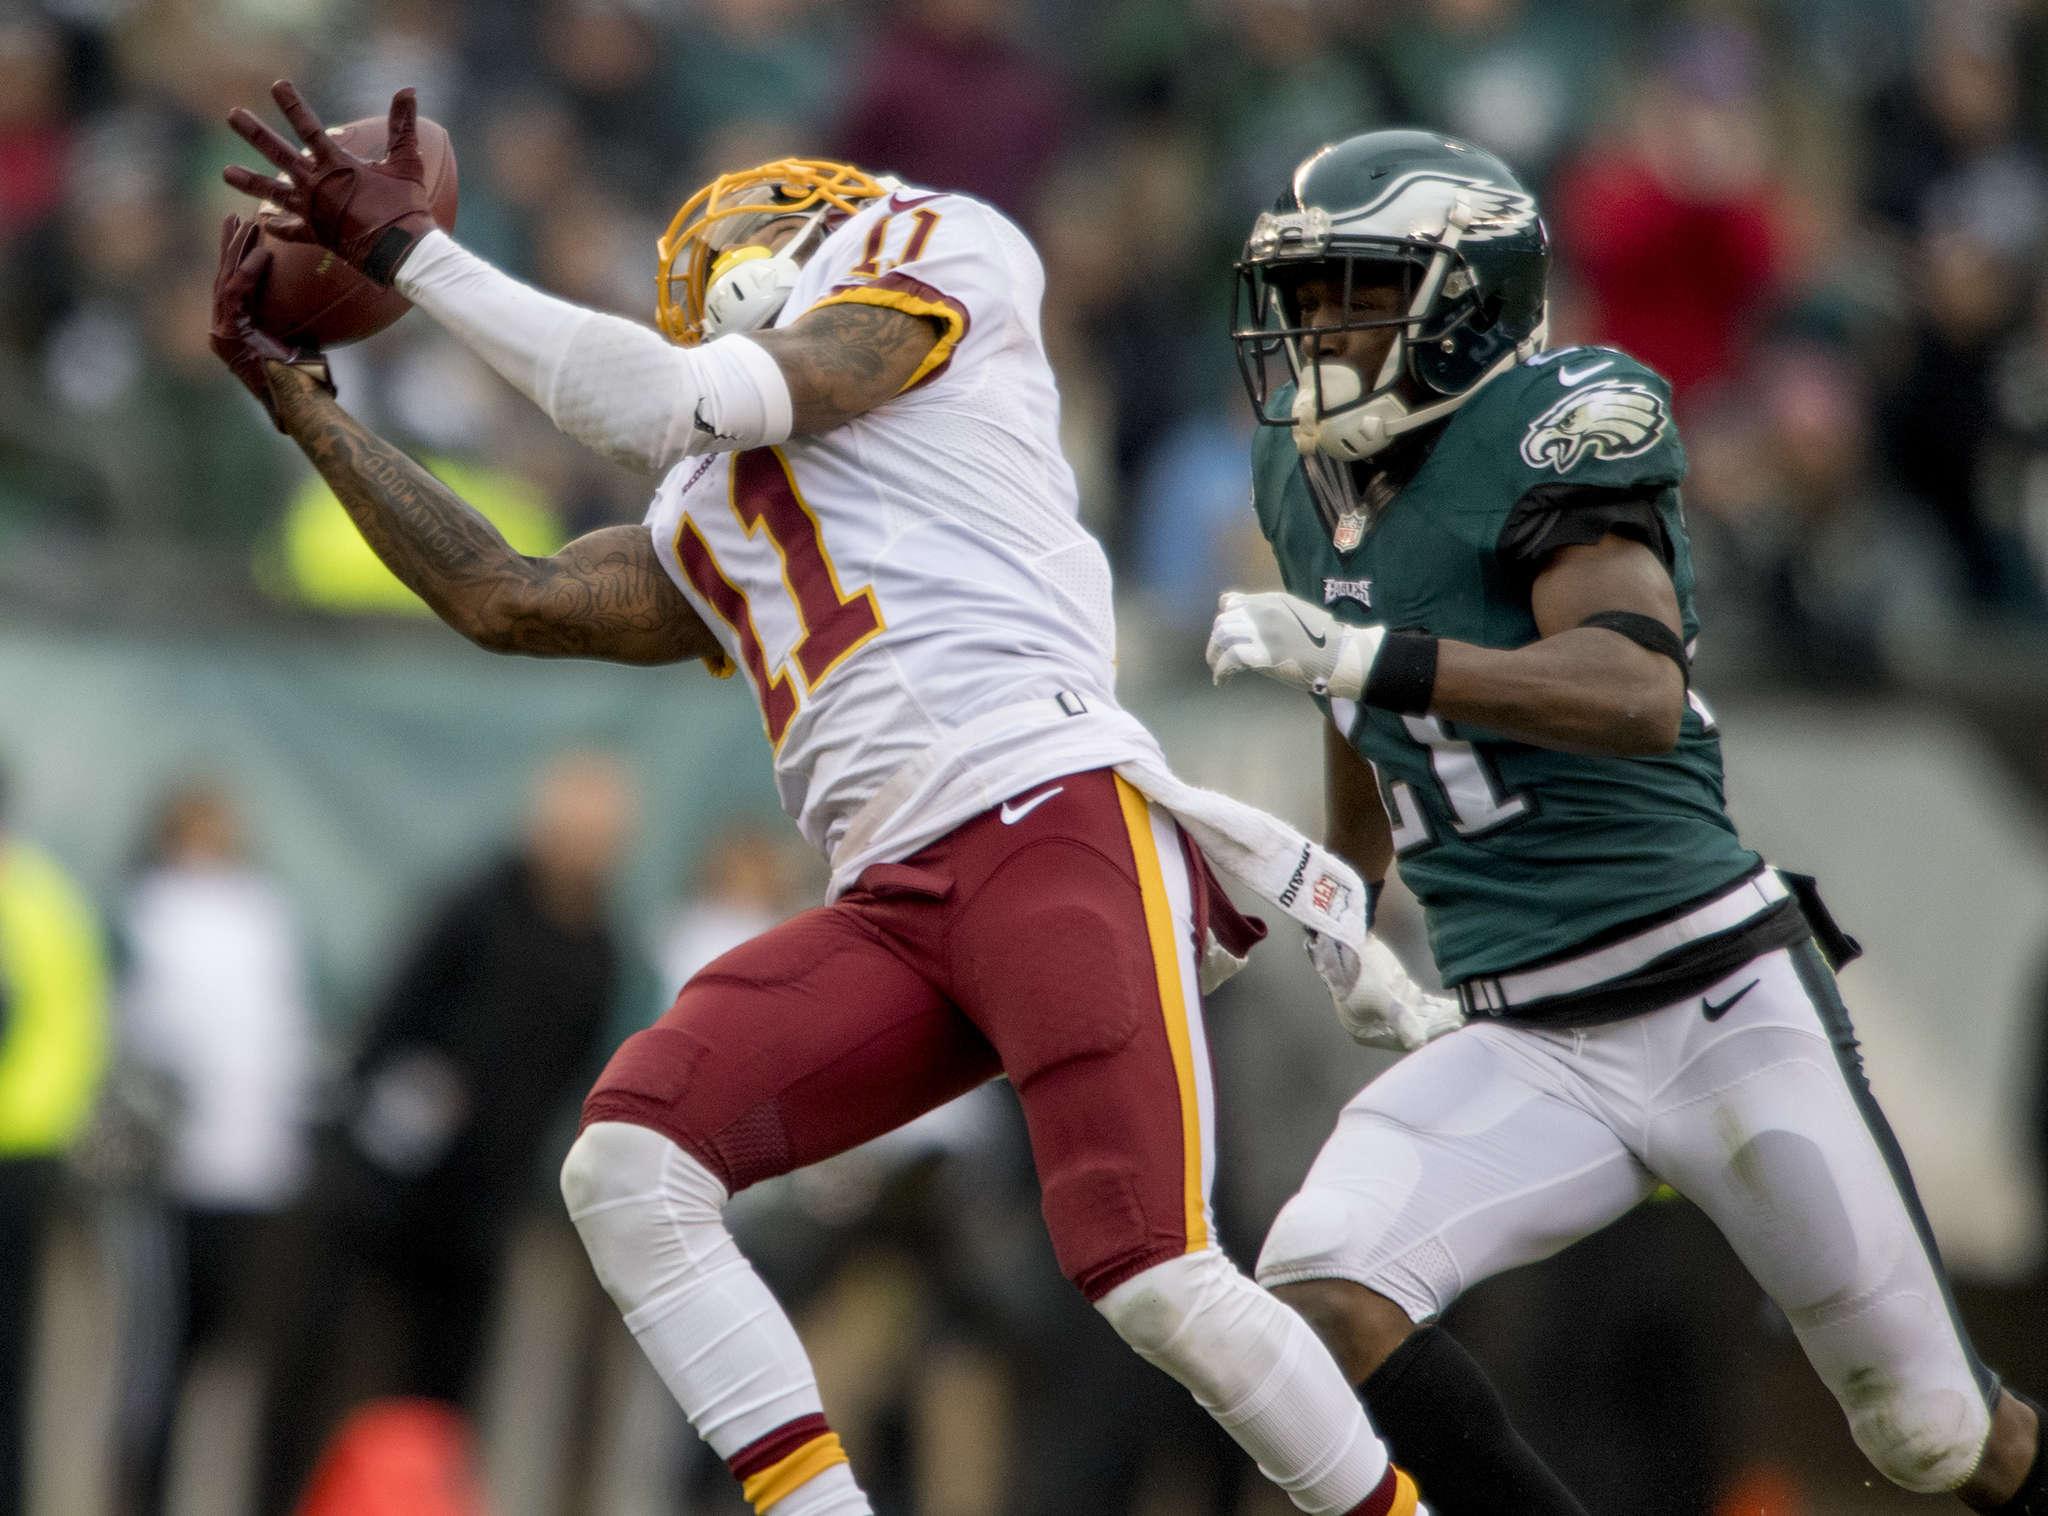 Redskins´ DeSean Jackson hauls in 80-yard touchdown pass in front of Eagles´ Leodis McKelvin in third quarter.